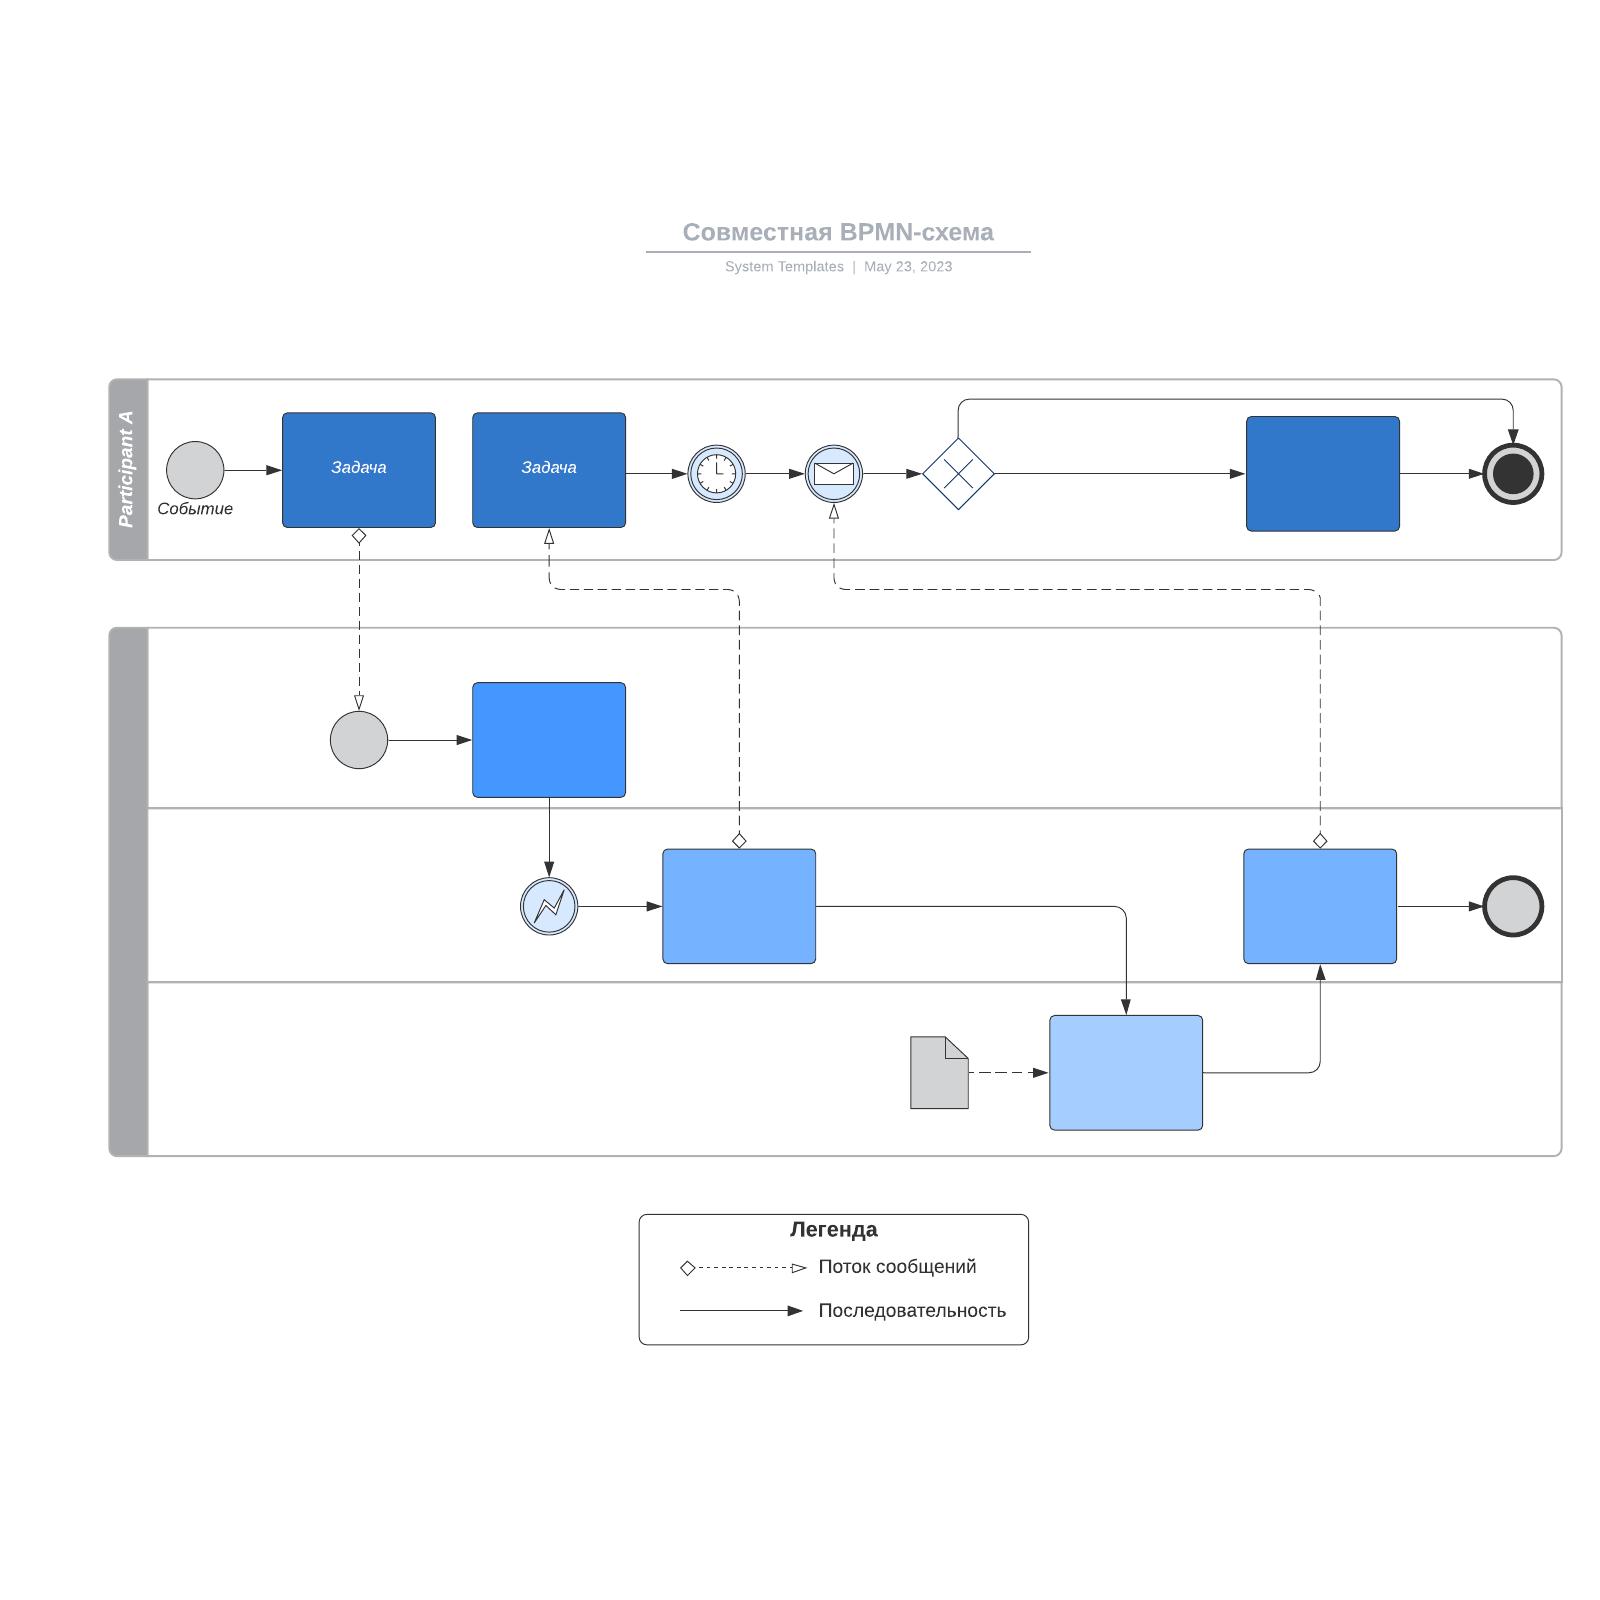 Совместная BPMN-схема